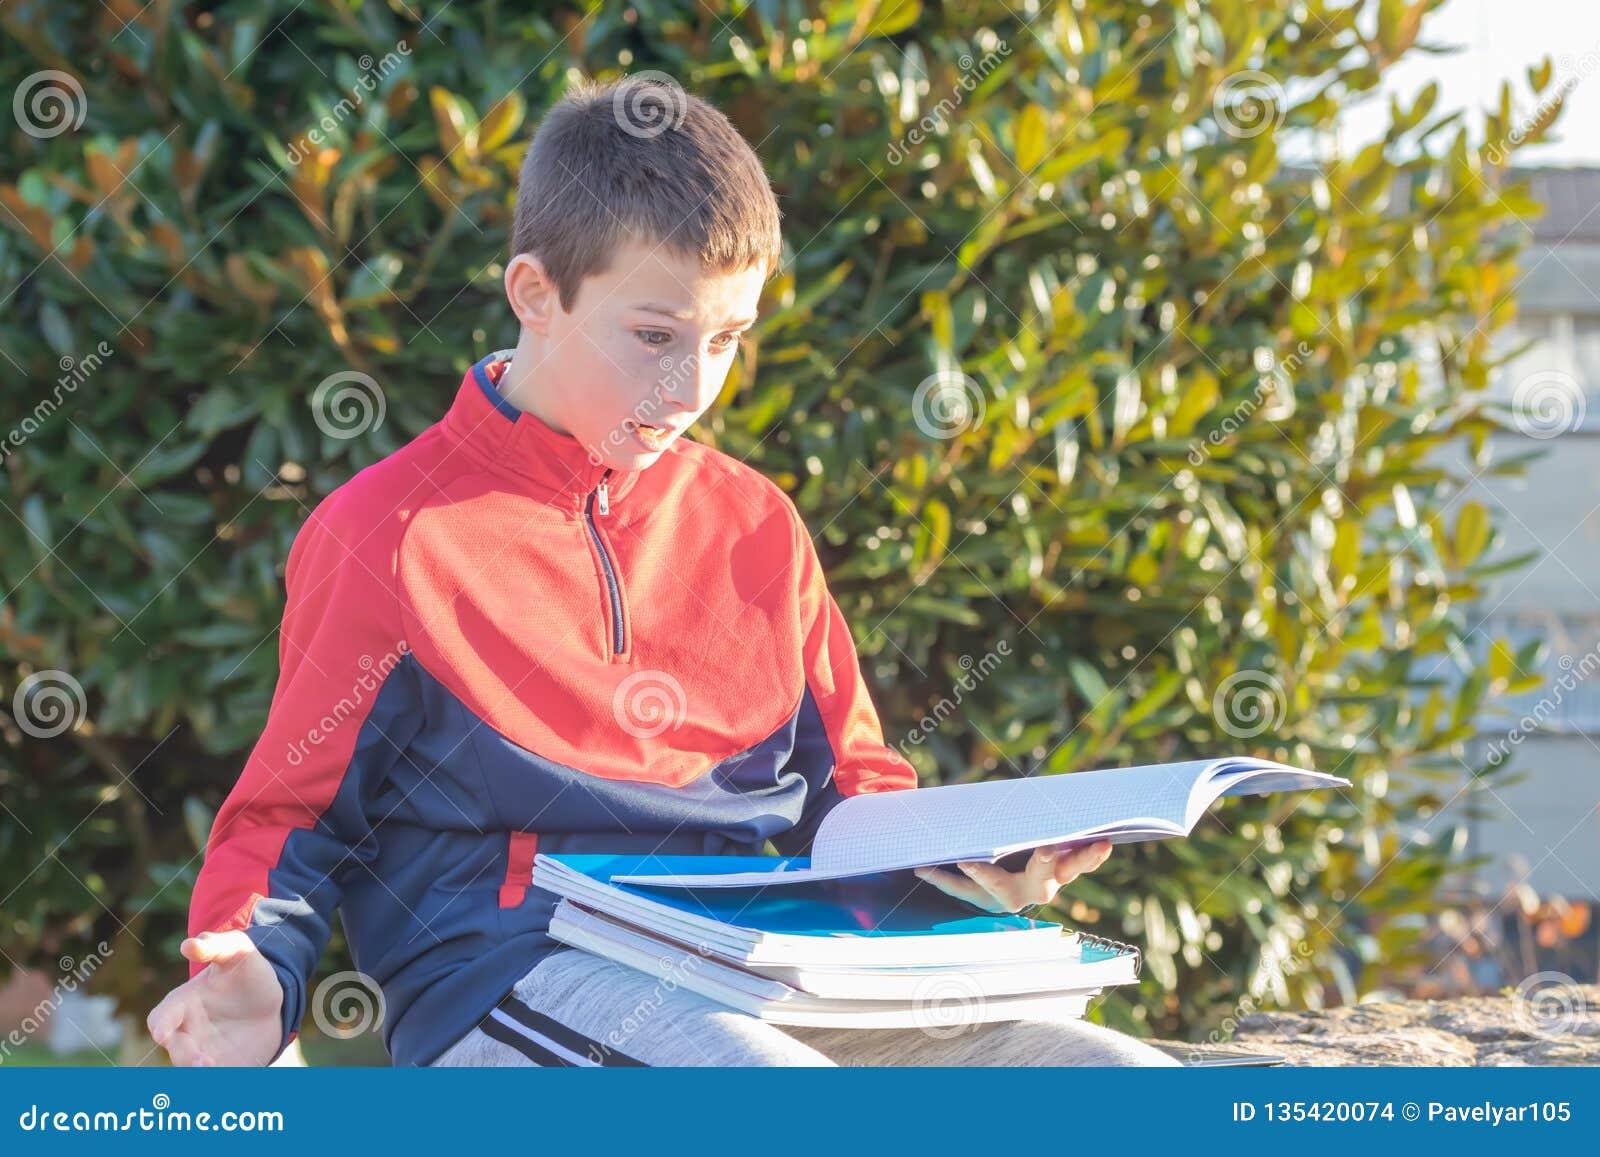 Adolescente surpreendido com livros de texto e cadernos